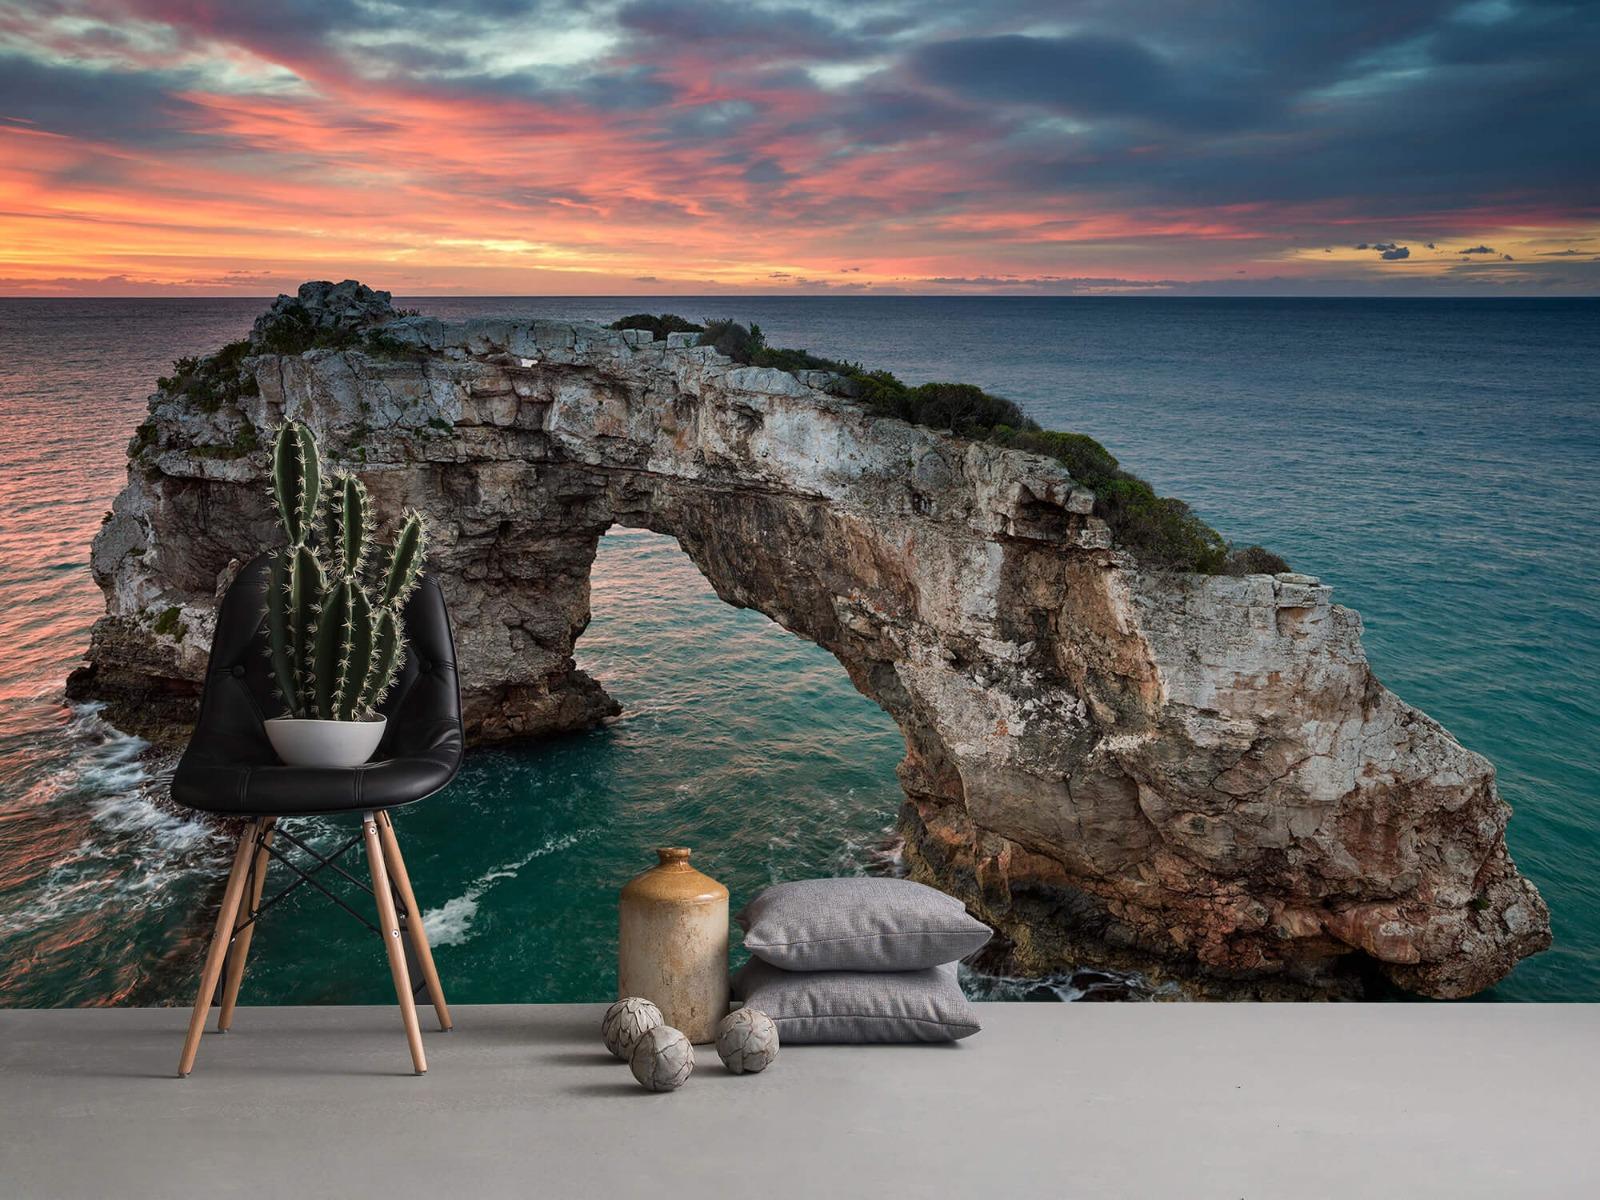 Zeeën en Oceanen - Gebogen rots in zee - Slaapkamer 13